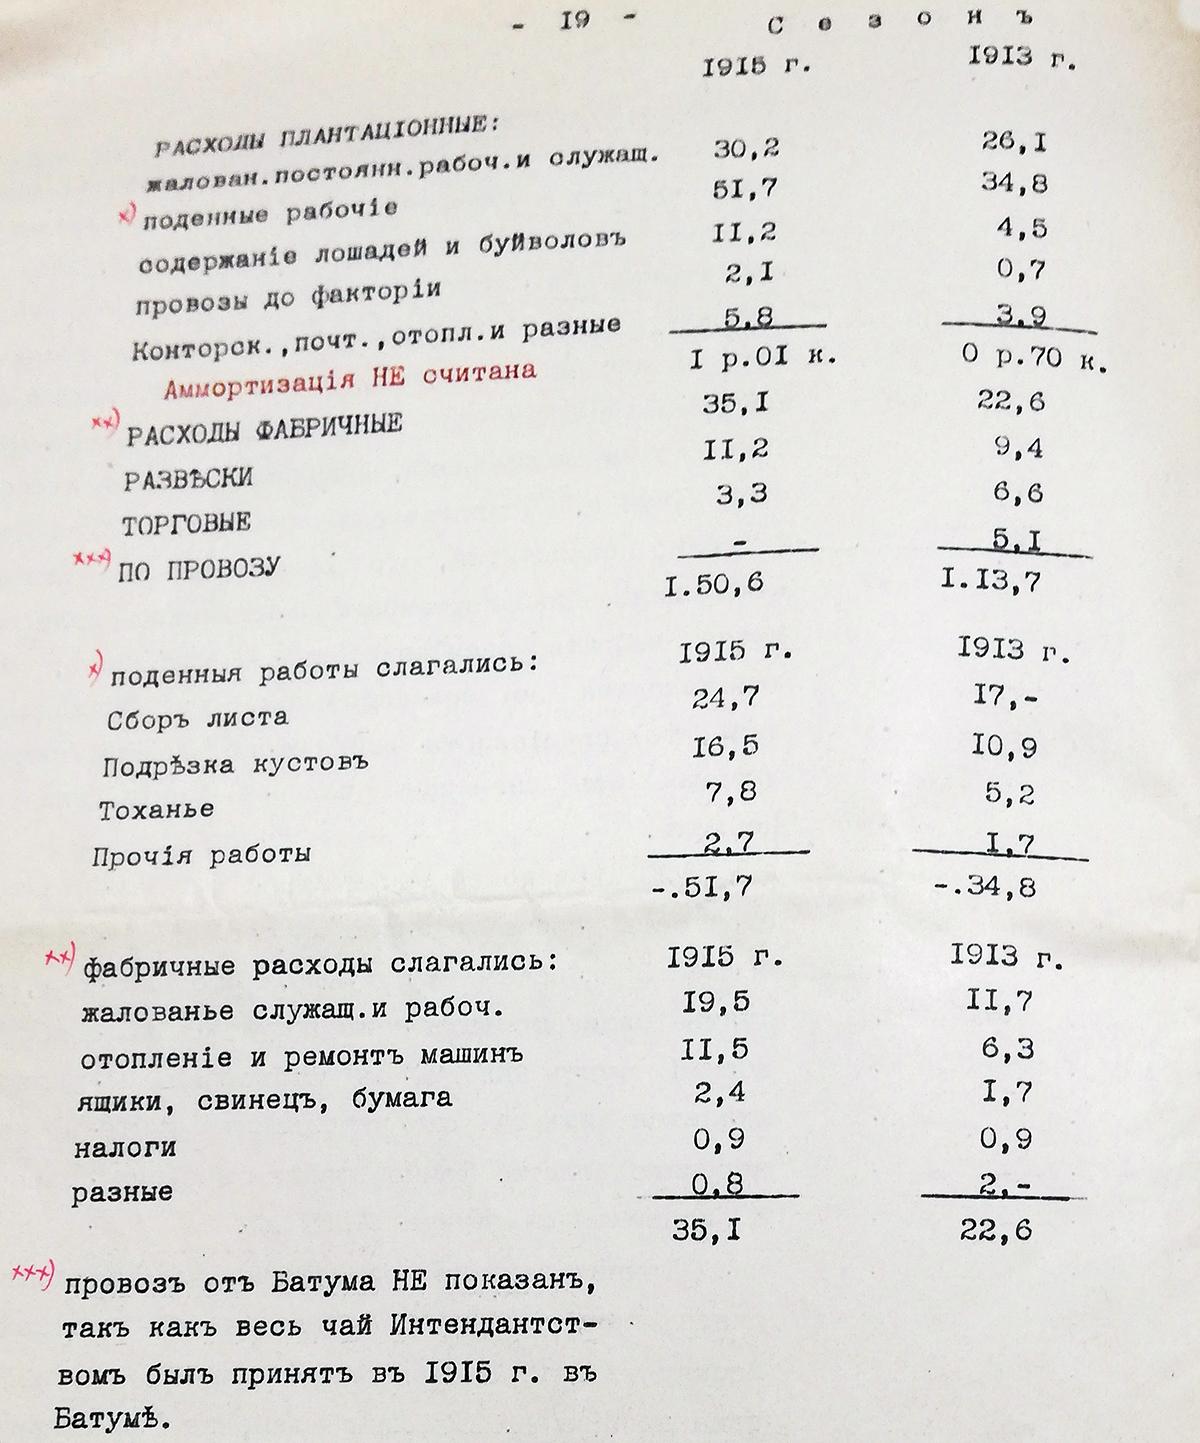 Таблица себестоимости чая - расчеты Попова